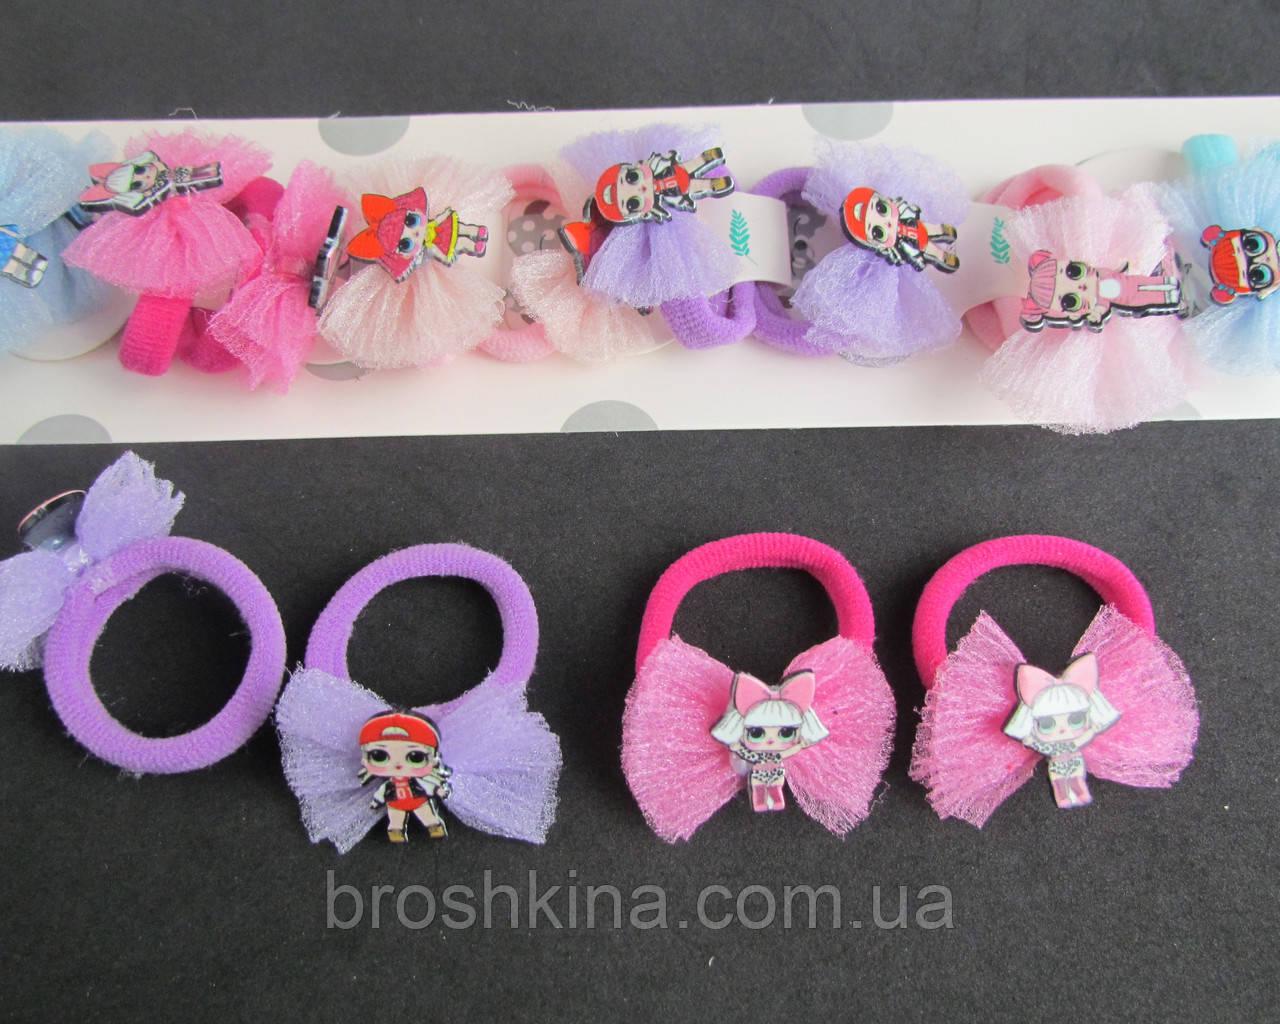 Резиночки для волос бантики с куклами LOL 10 пар/уп.